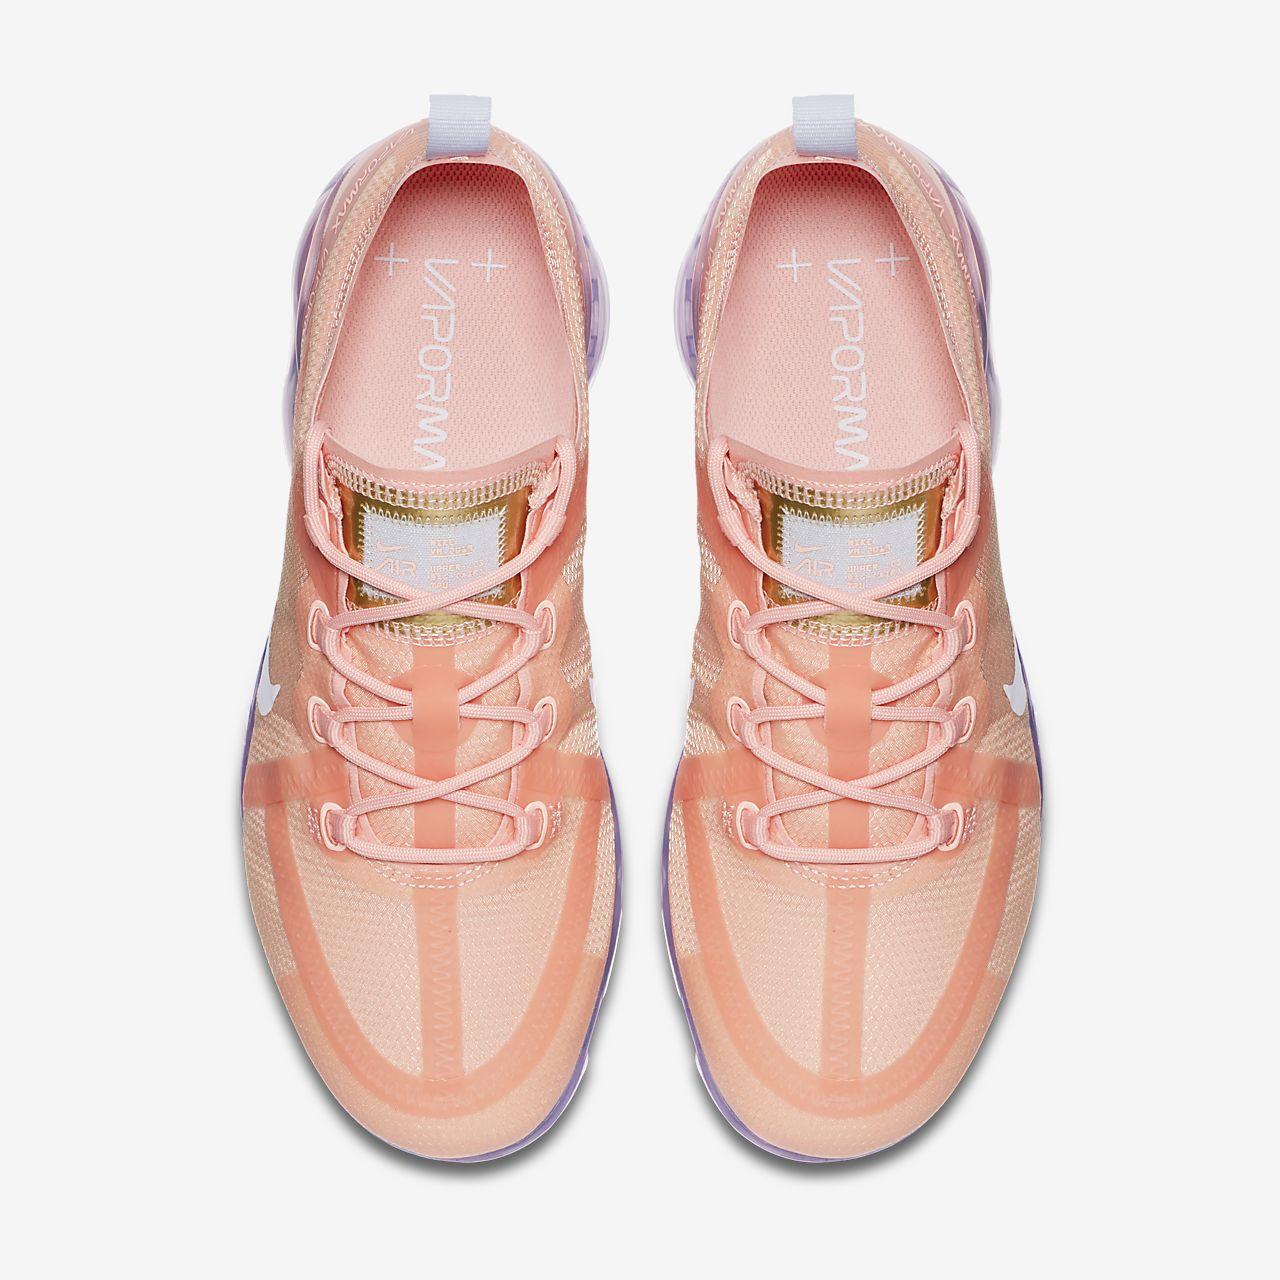 6de71d6b Chaussure Nike Air VaporMax 2019 pour Femme. Nike.com FR